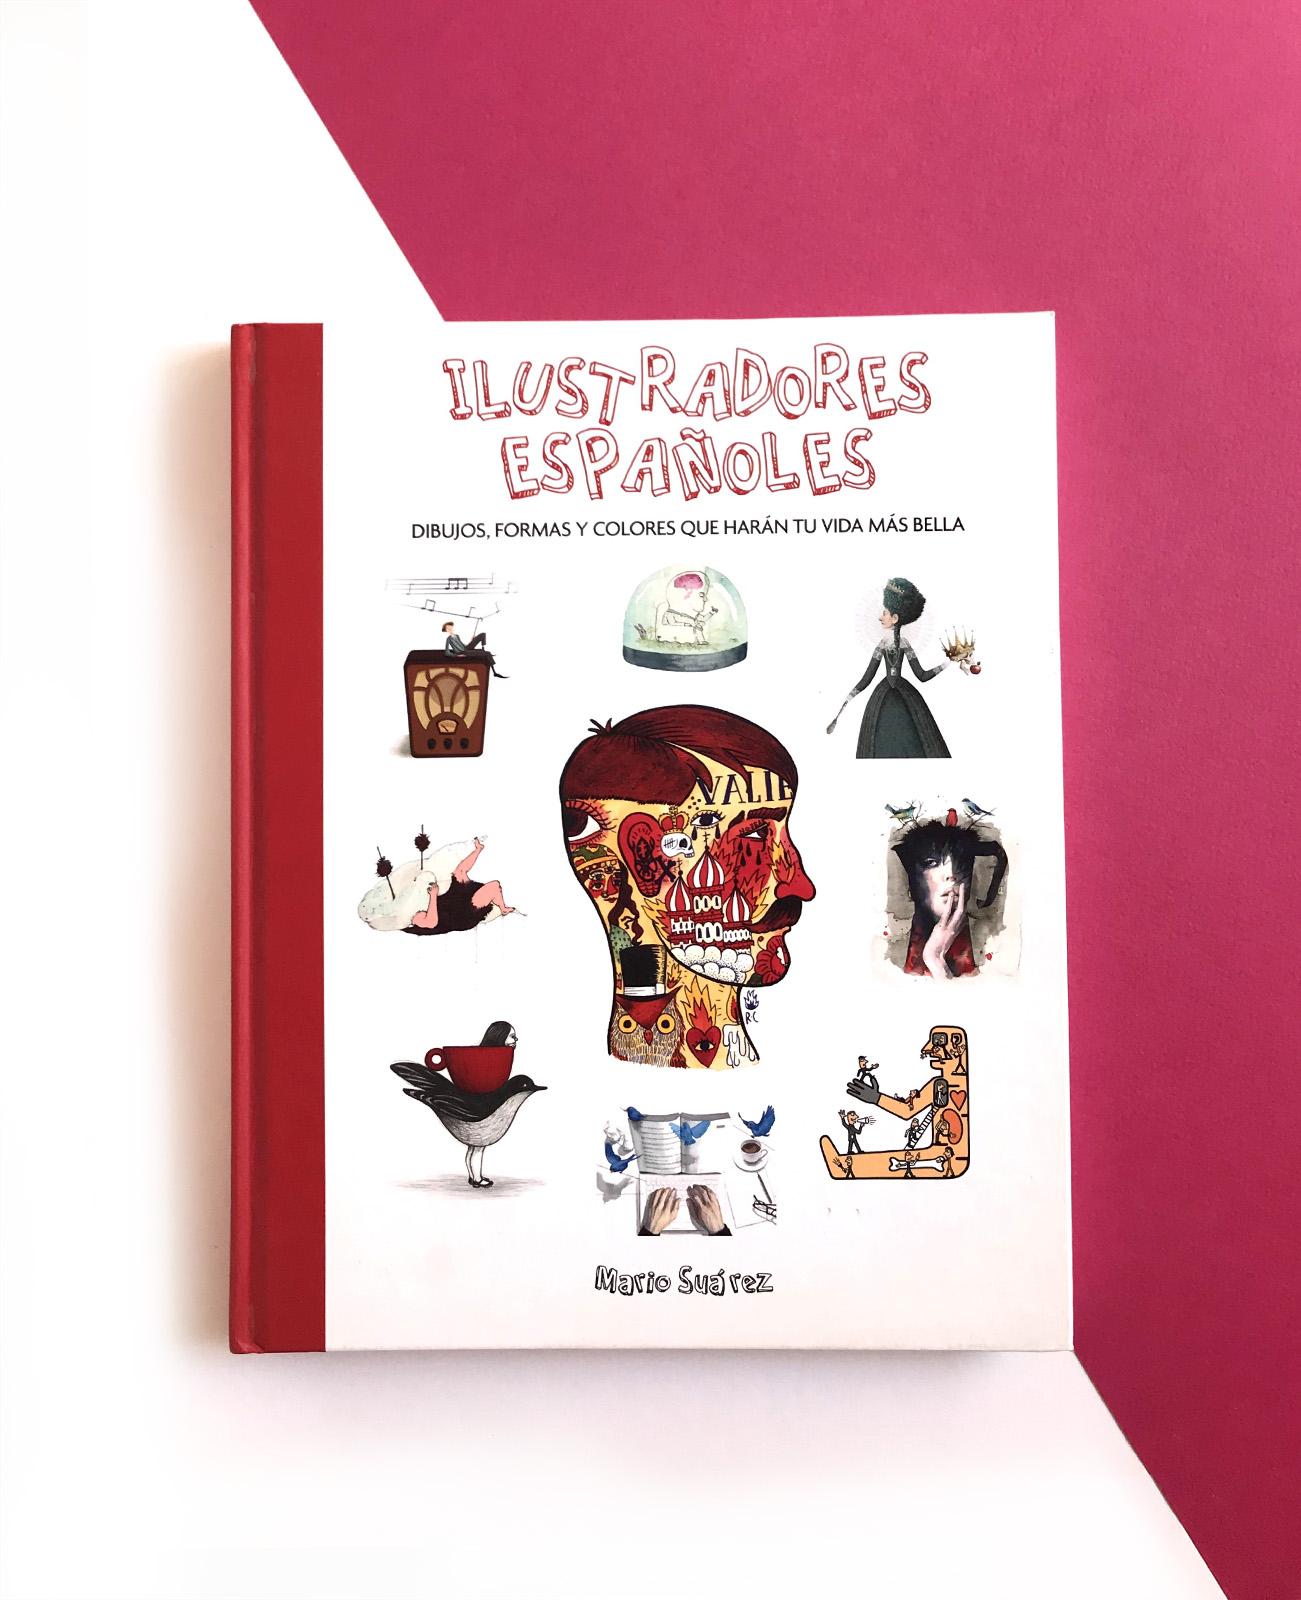 ilustradores españoles giselle vitali